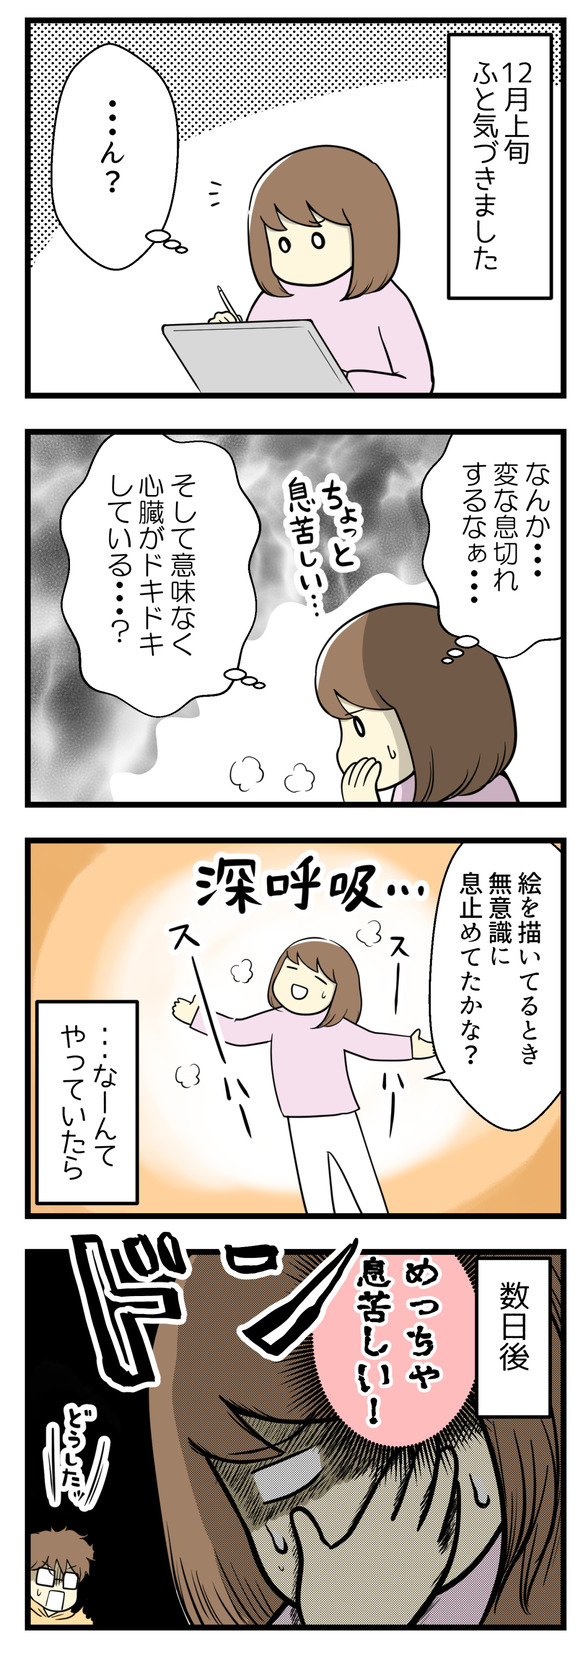 橋本病悪化を疑い病院へ-1-